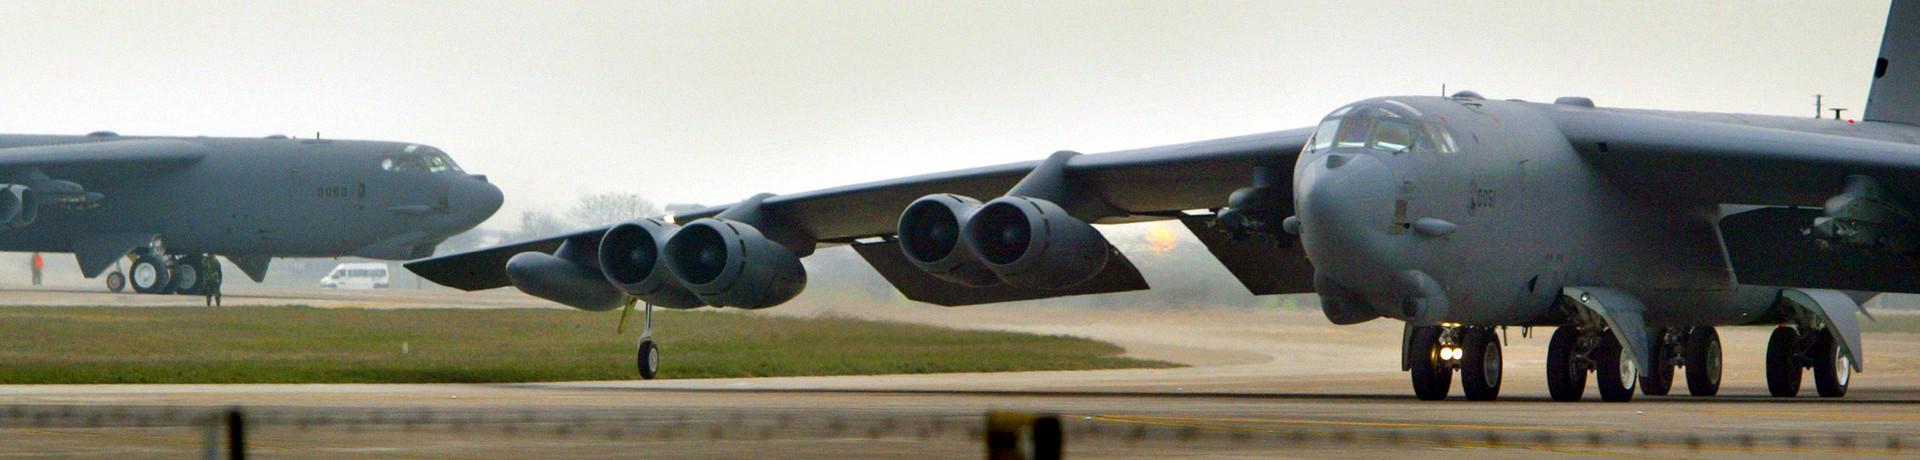 """NATO-Manöver """"Cold Response"""": USA üben in Norwegen Atomwaffeneinsatz gegen Russland"""